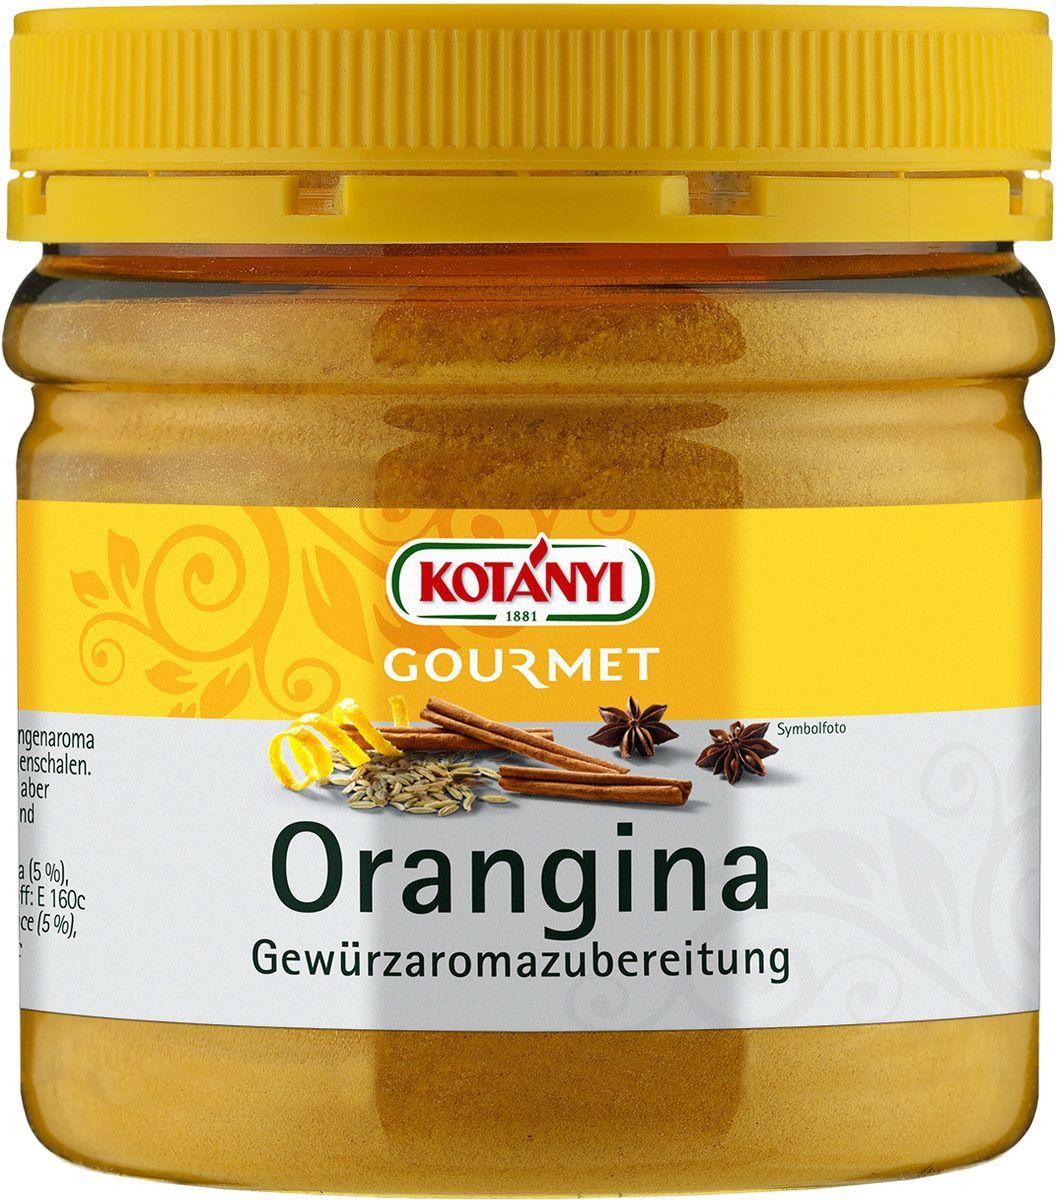 Kotanyi Приправа с ароматом апельсина, 170 г0120710Приправа Kotanyi с ароматом апельсина заменяет апельсиновую цедру. Может использоваться для сладких, а также мясных блюд, блюд из птицы и дичи, краснокачанной капусты.Уважаемые клиенты! Обращаем ваше внимание, что полный перечень состава продукта представлен на дополнительном изображении.